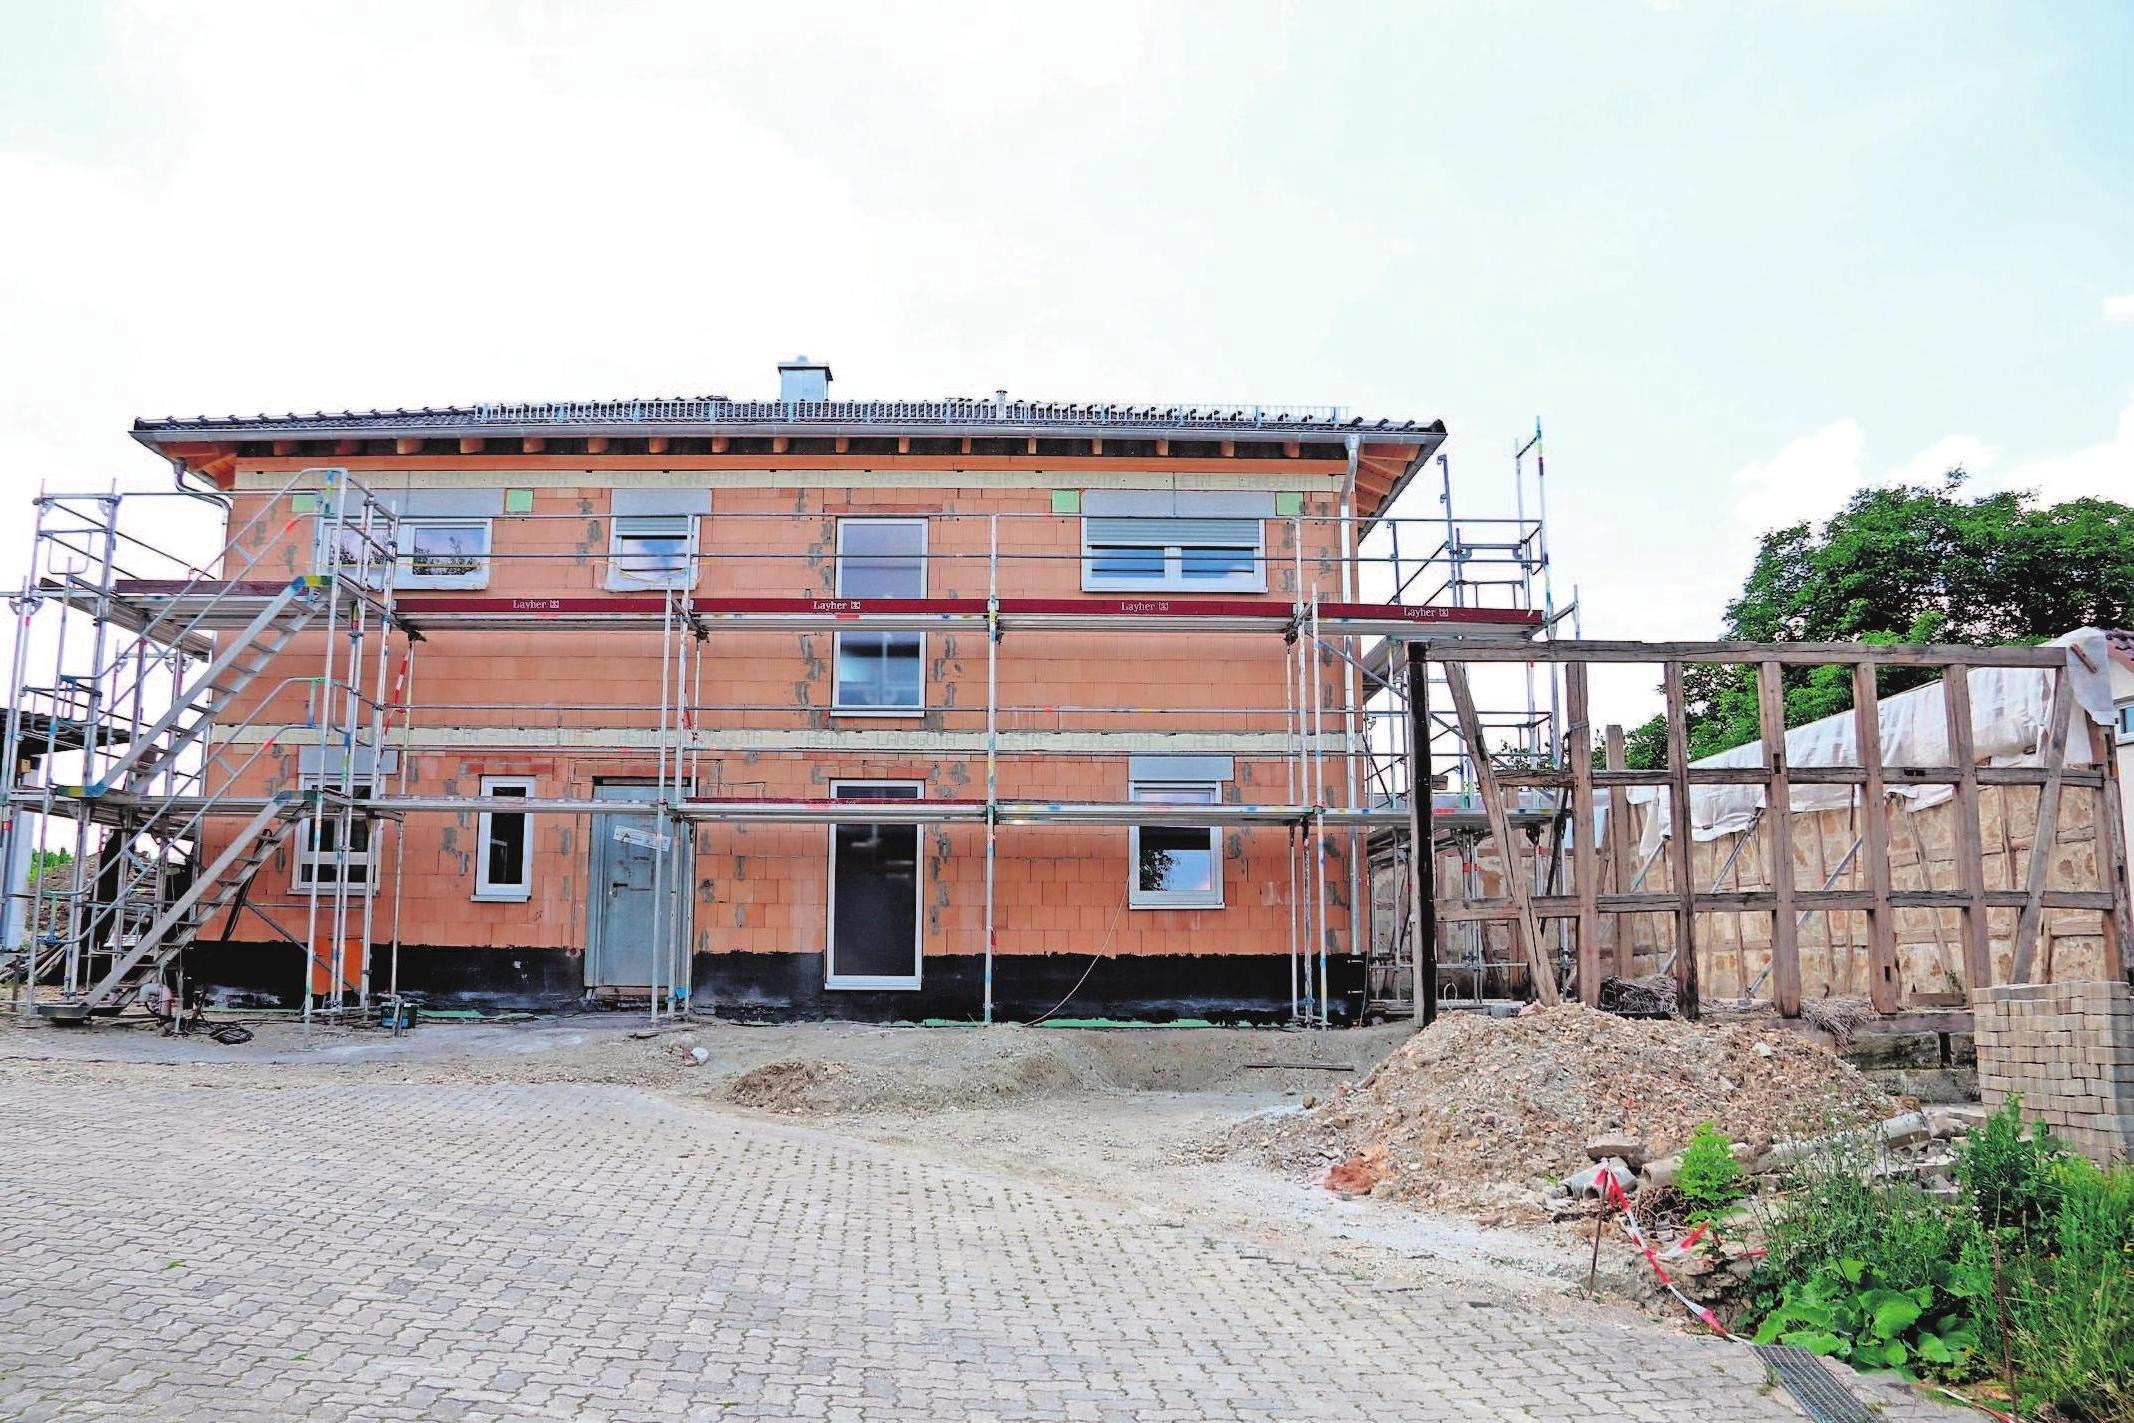 Bei der individuellen Planung berücksichtigt Kröckel-Bau die persönlichen Wohnwünsche der Bauherren.Fotos: Alexandra Kemnitzer